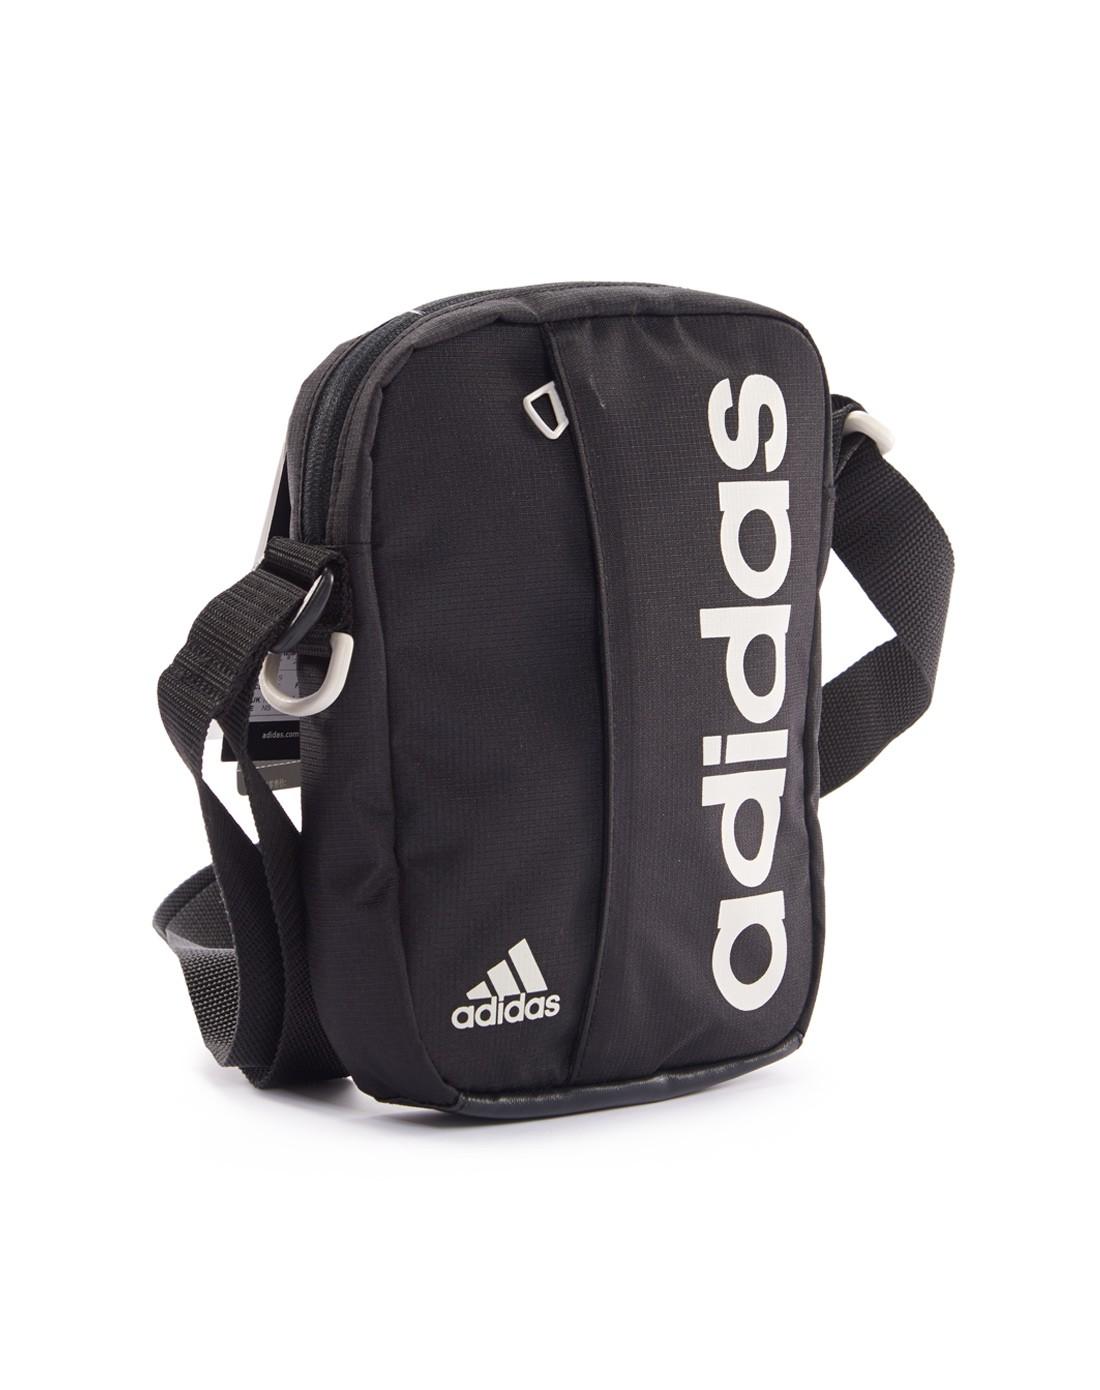 阿迪达斯adidas男士专场-中性款黑色训练系列挎包 时尚休闲